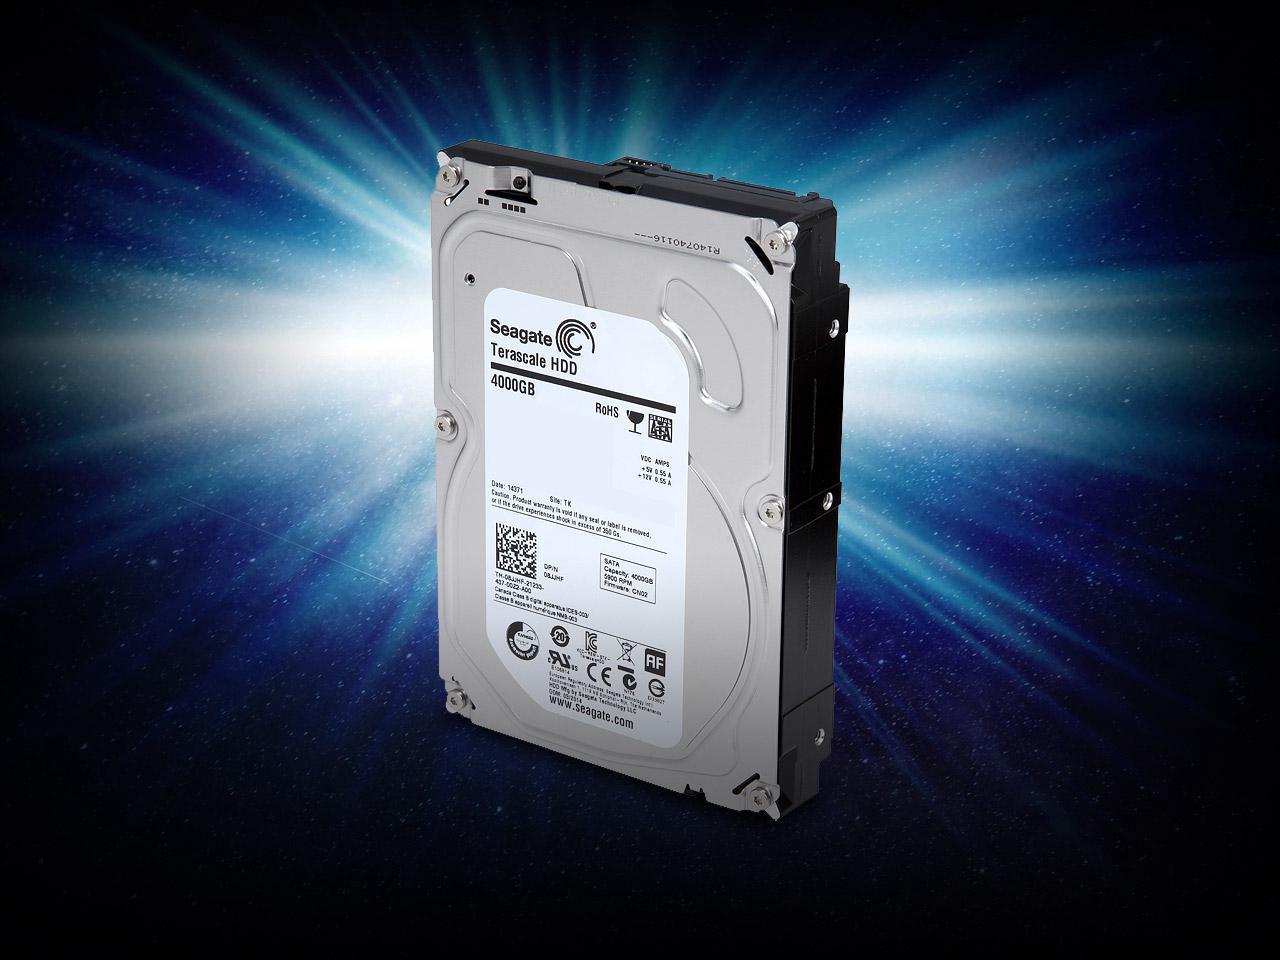 """Seagate 4TB 5900 RPM 64MB Cache SATA 6.0Gb/s 3.5"""" Terascale Hard Drive Bare Drive - $64.99 + Free Shipping"""